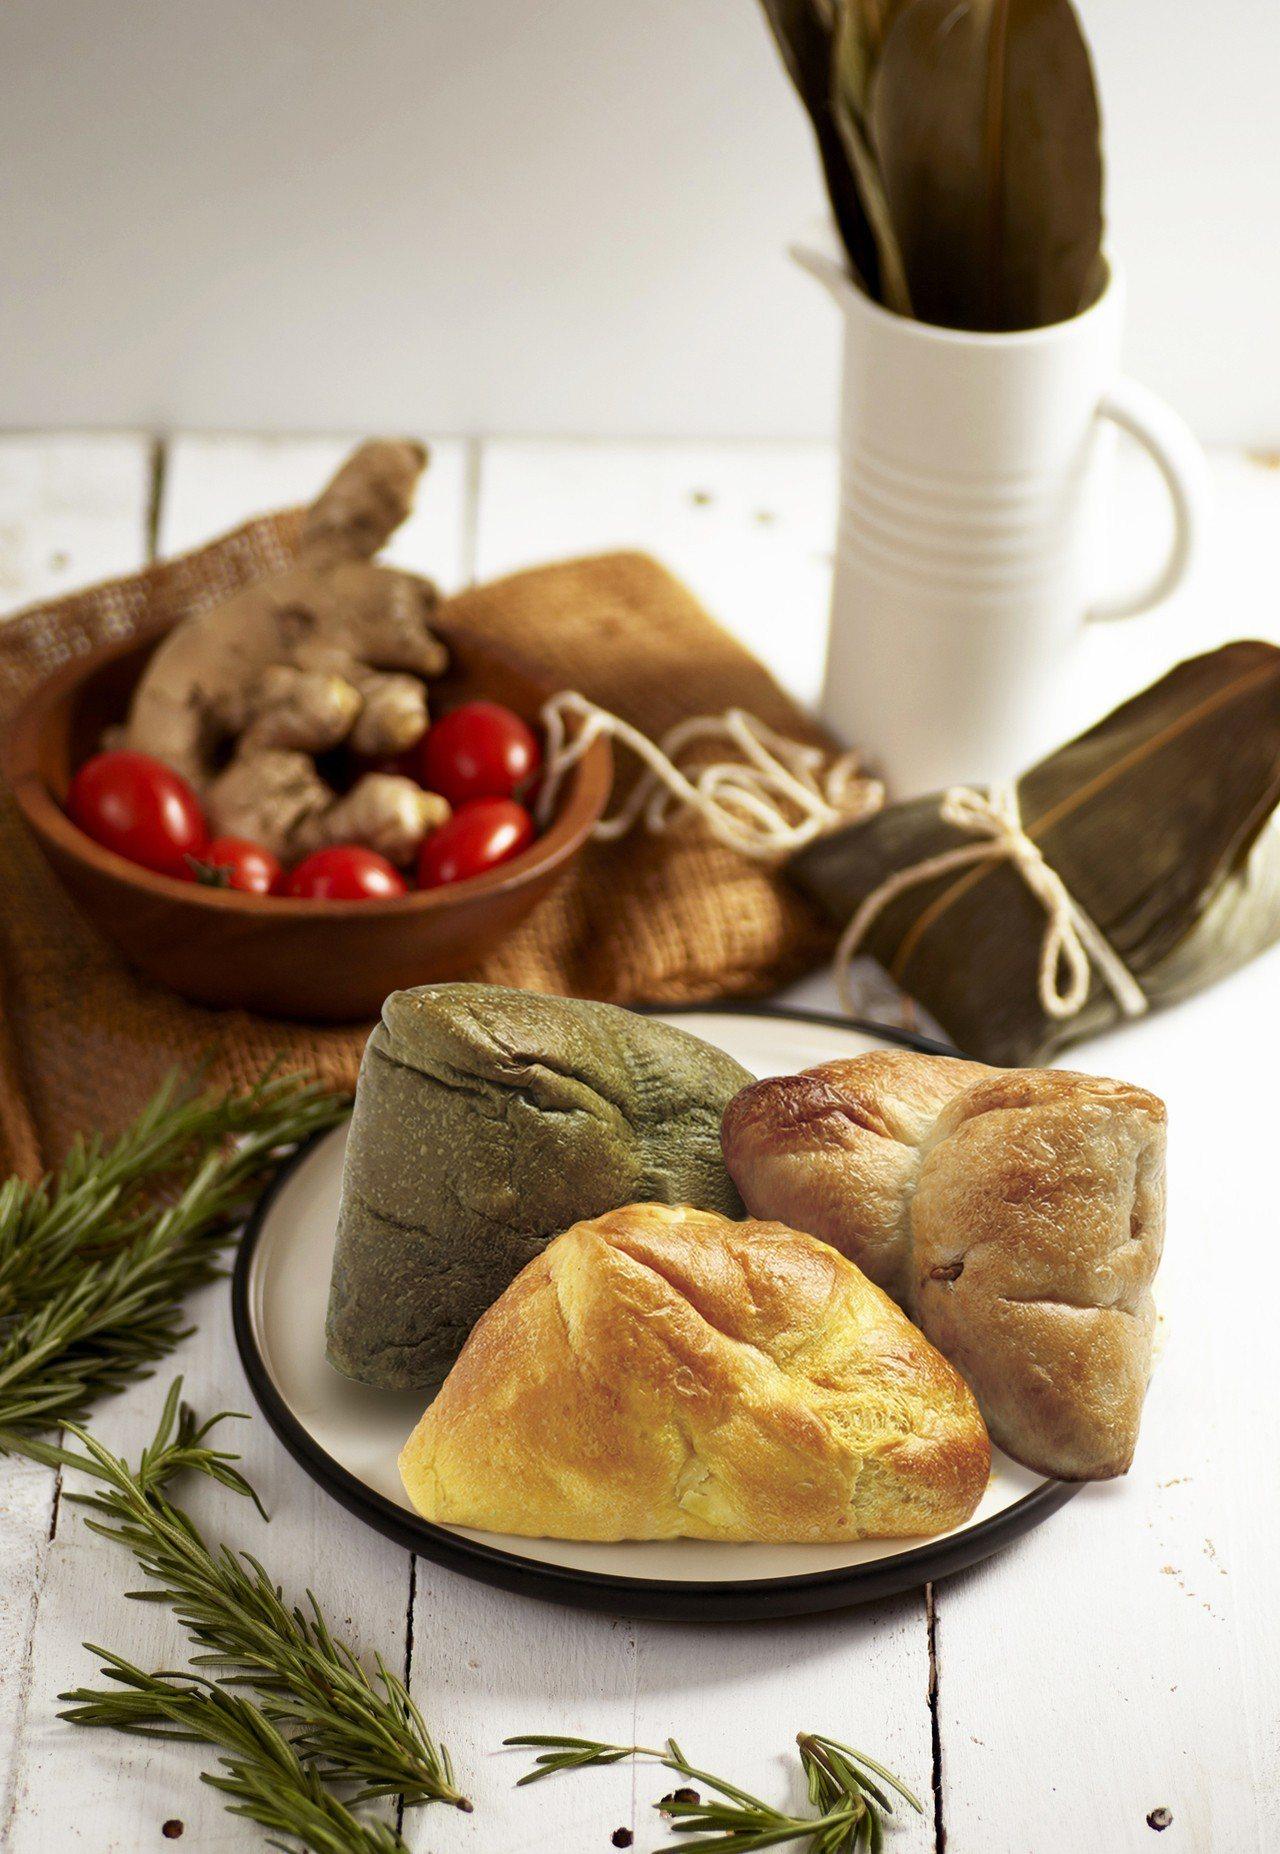 帕莎蒂娜烘焙坊推出限量版古麵包粽。圖/帕莎蒂娜烘焙坊提供